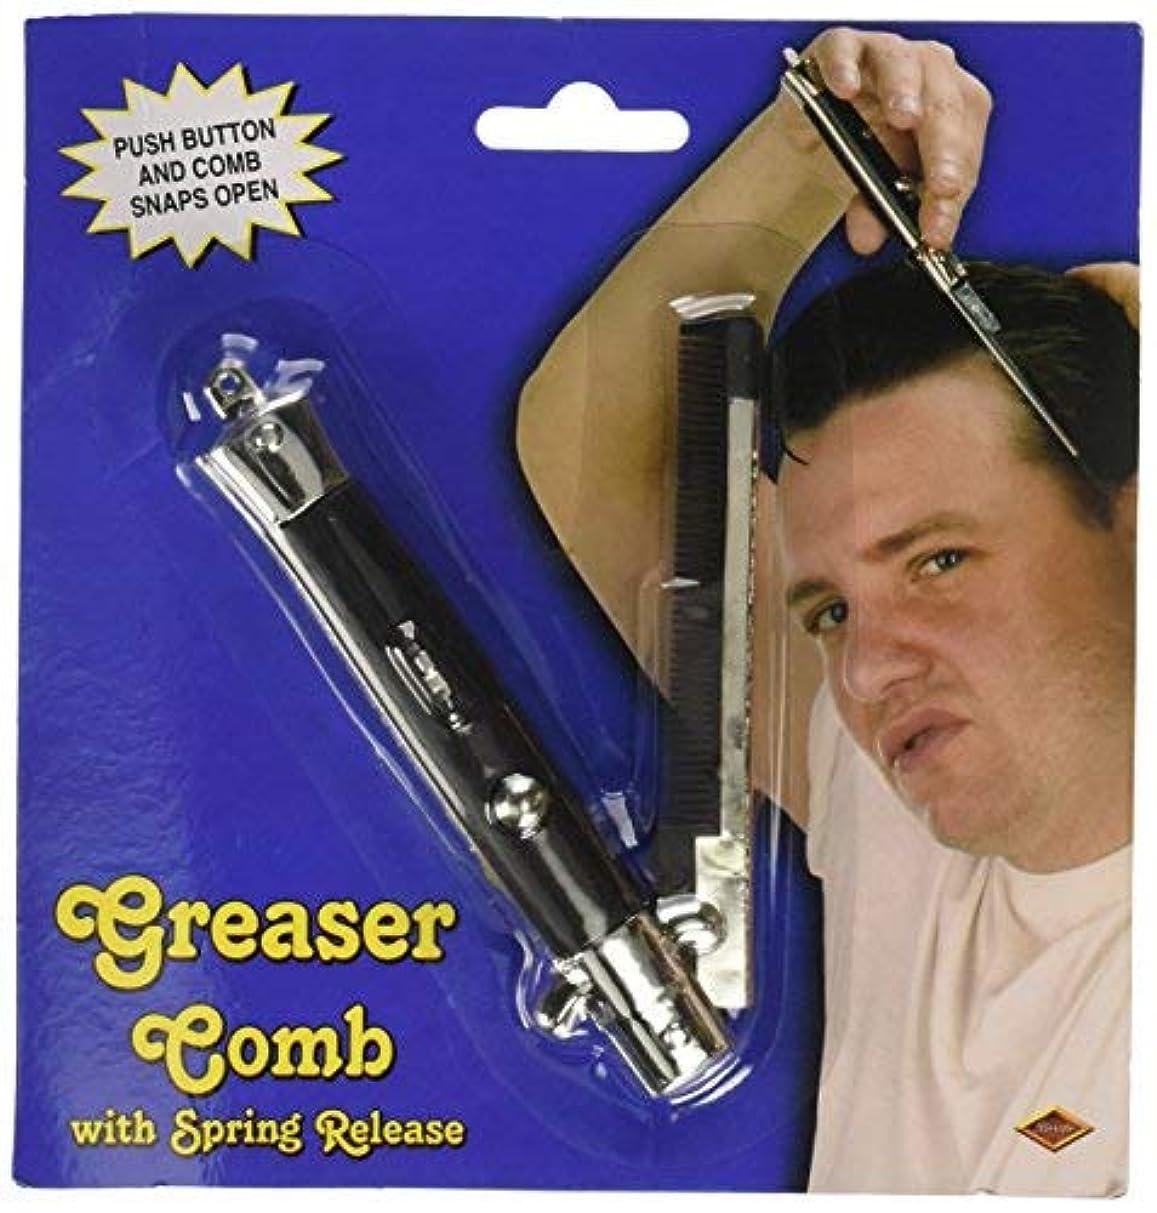 ビジュアル素晴らしき詐欺師Greaser Comb Party Accessory (1 count) (1/Pkg) [並行輸入品]